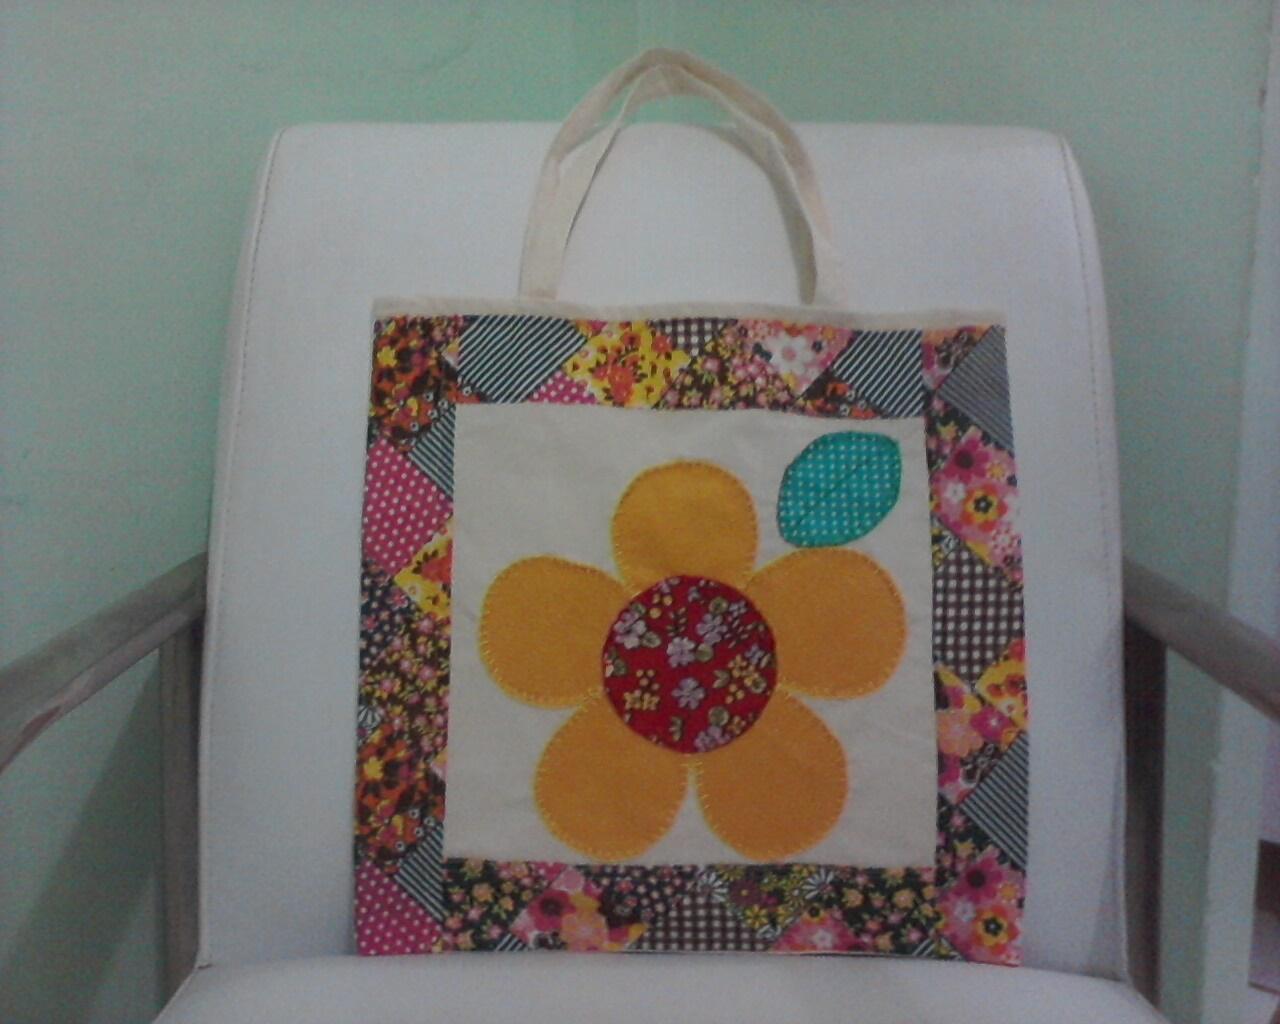 Bolsa De Tecido De Algodão Cru : Art brinc bolsa de algod?o cru e aplique flor